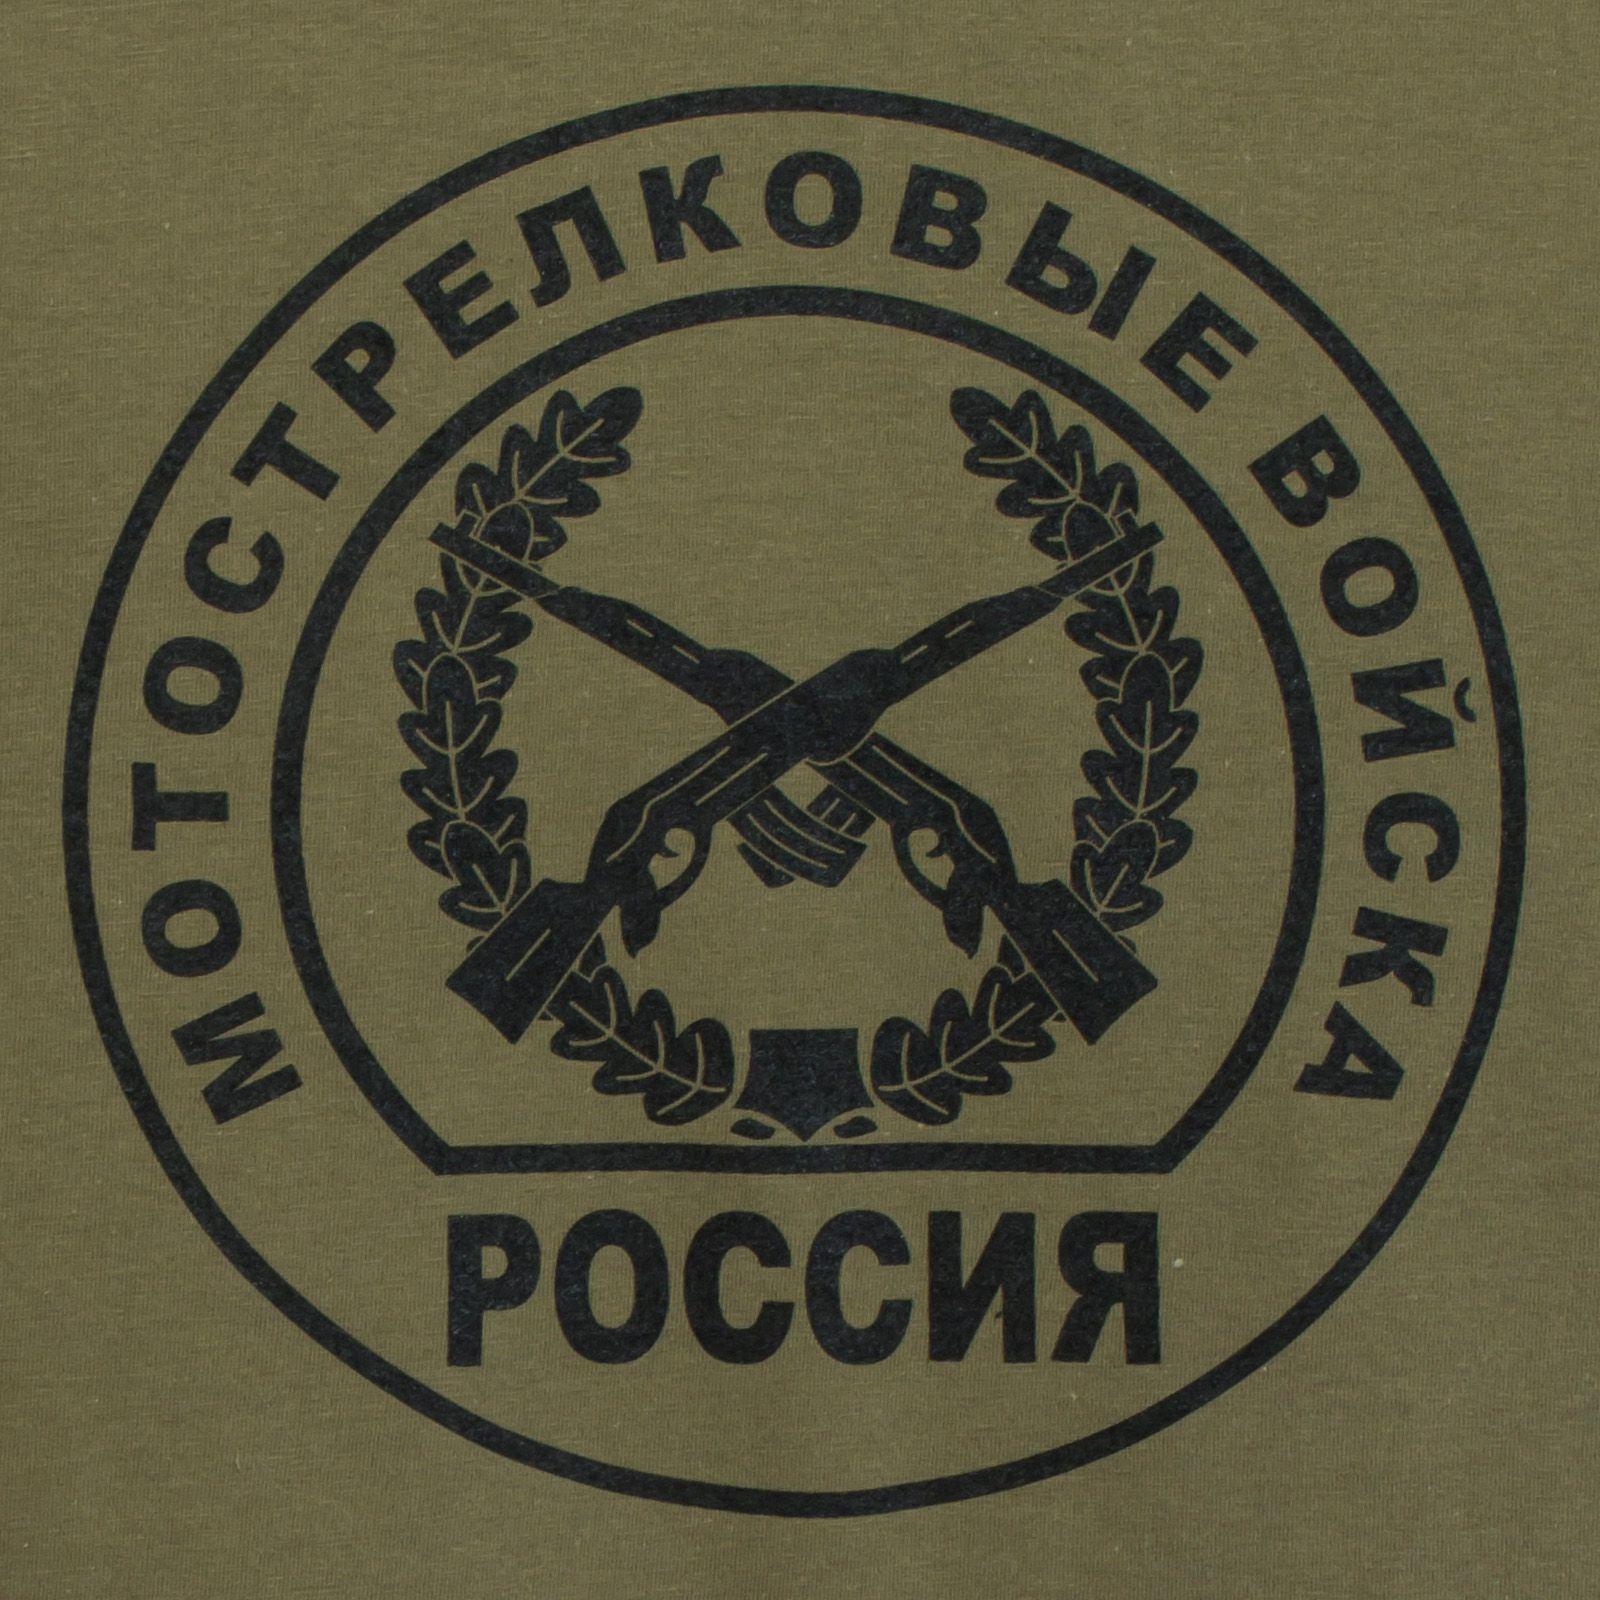 Футболка с эмблемой Мотострелковых войск цвета хаки